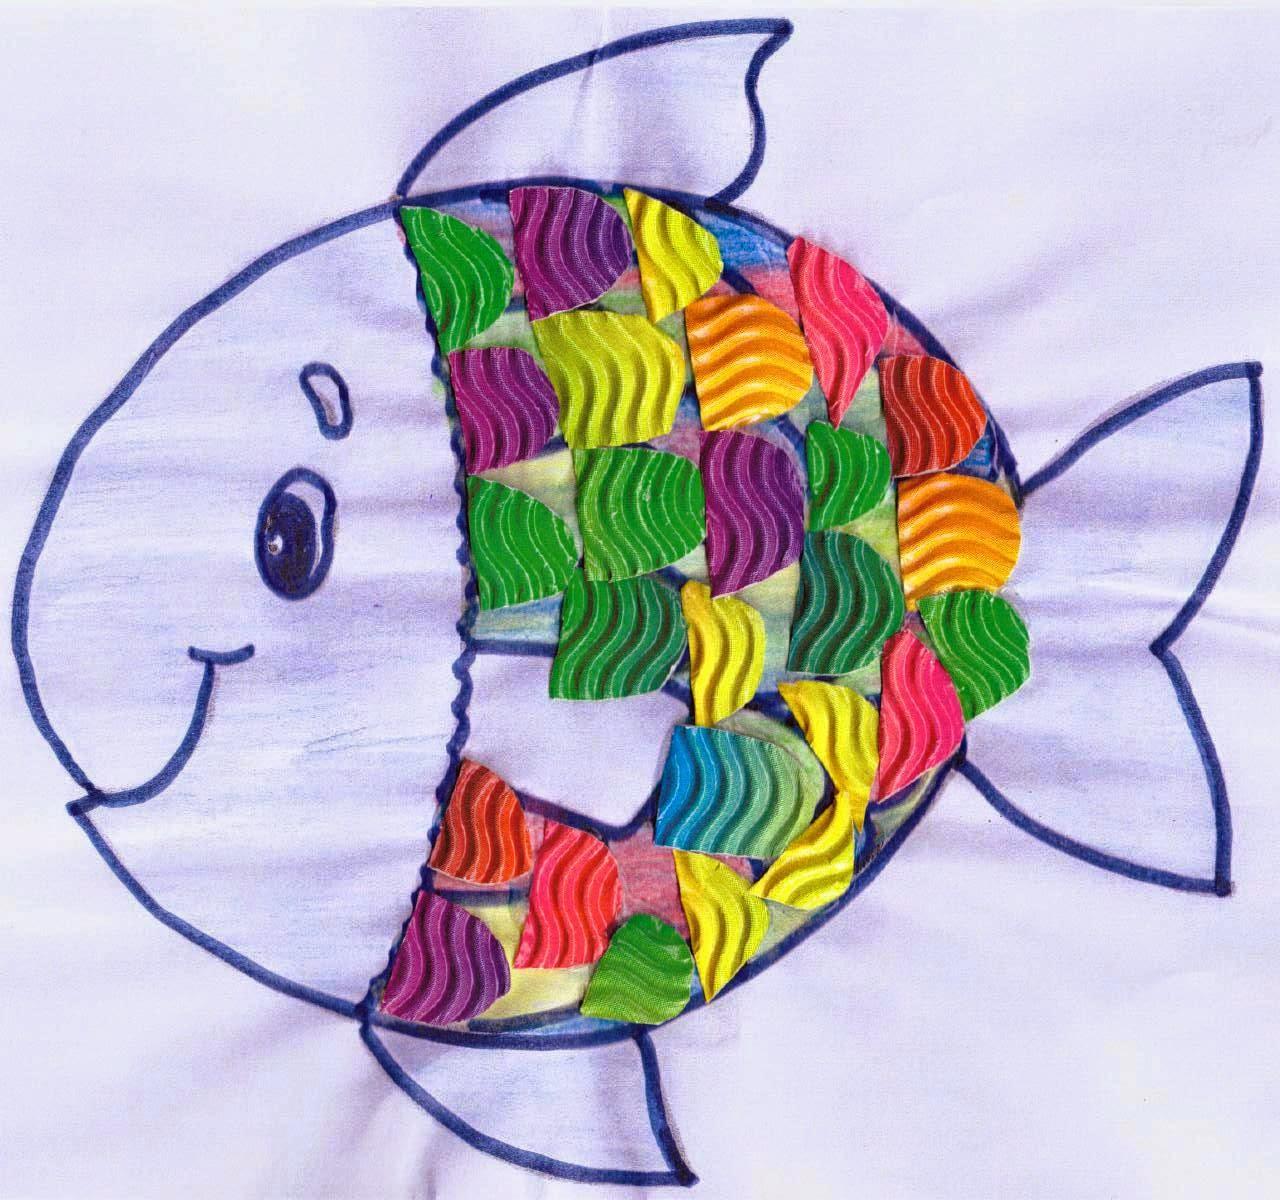 Esperienze per crescere armonicamente non uno scherzo for Disegni pesciolino arcobaleno